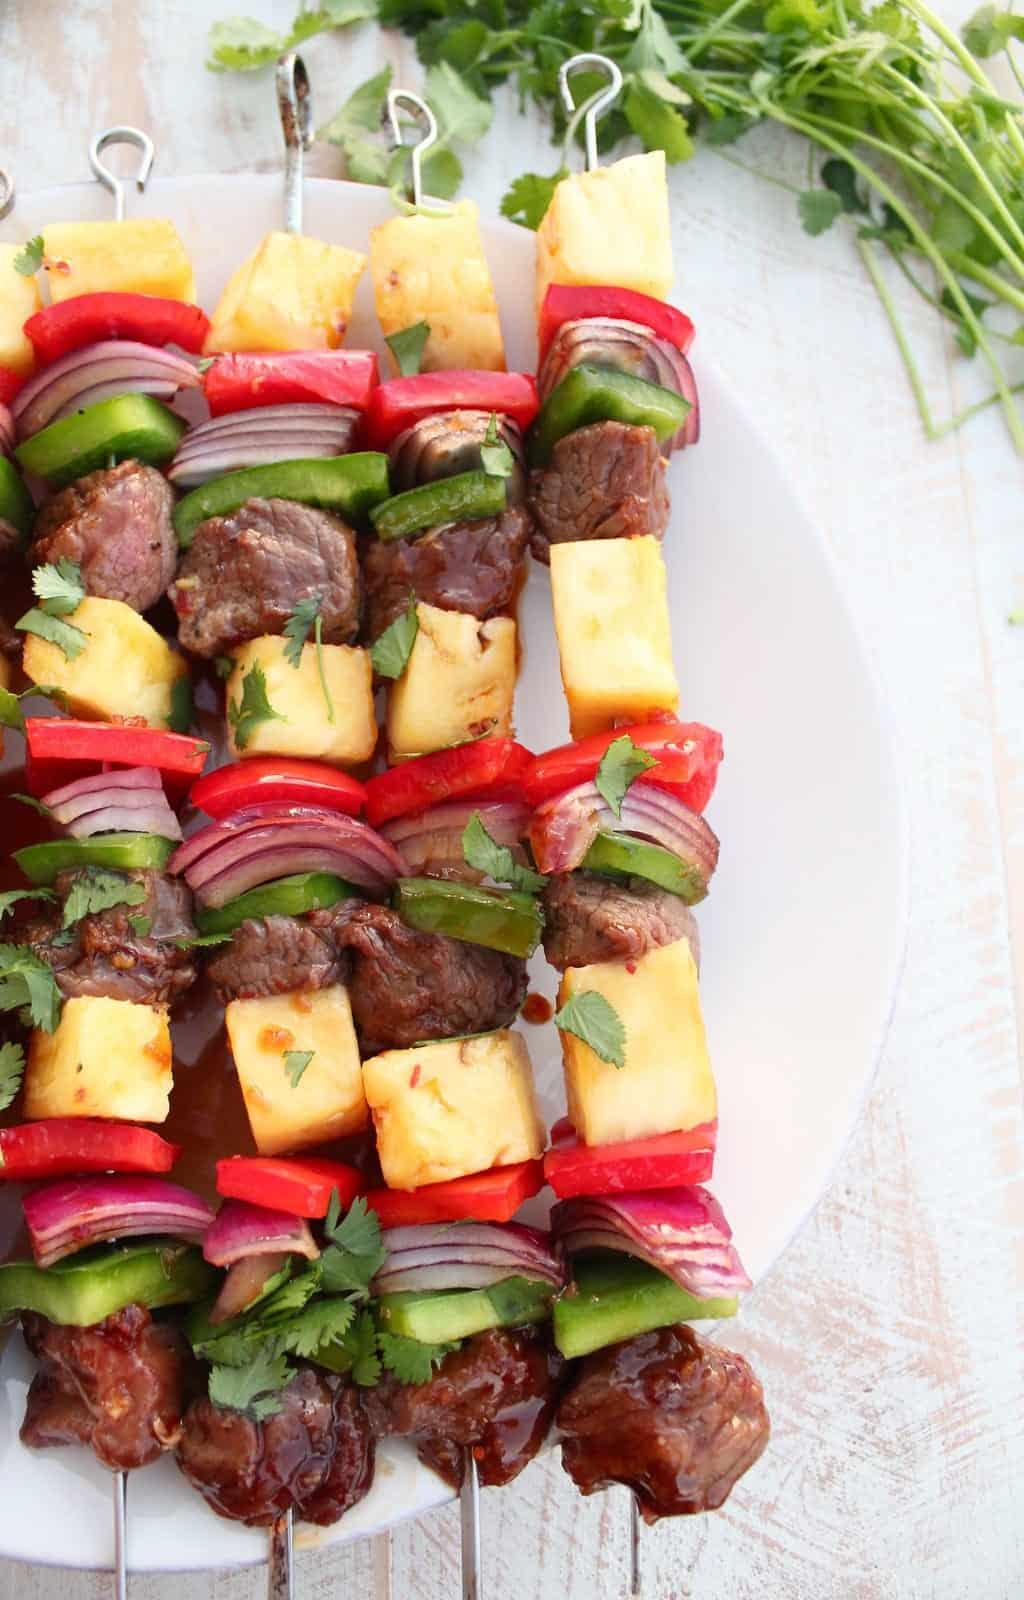 Teriyaki Steak Shish Kabob